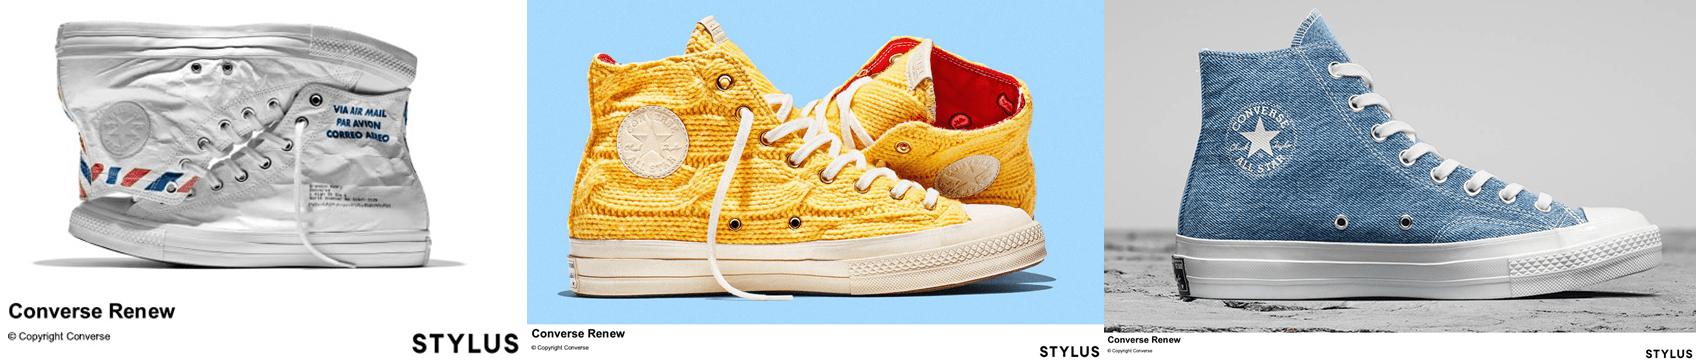 エシカル_stylus_fashion_shoes_01.png